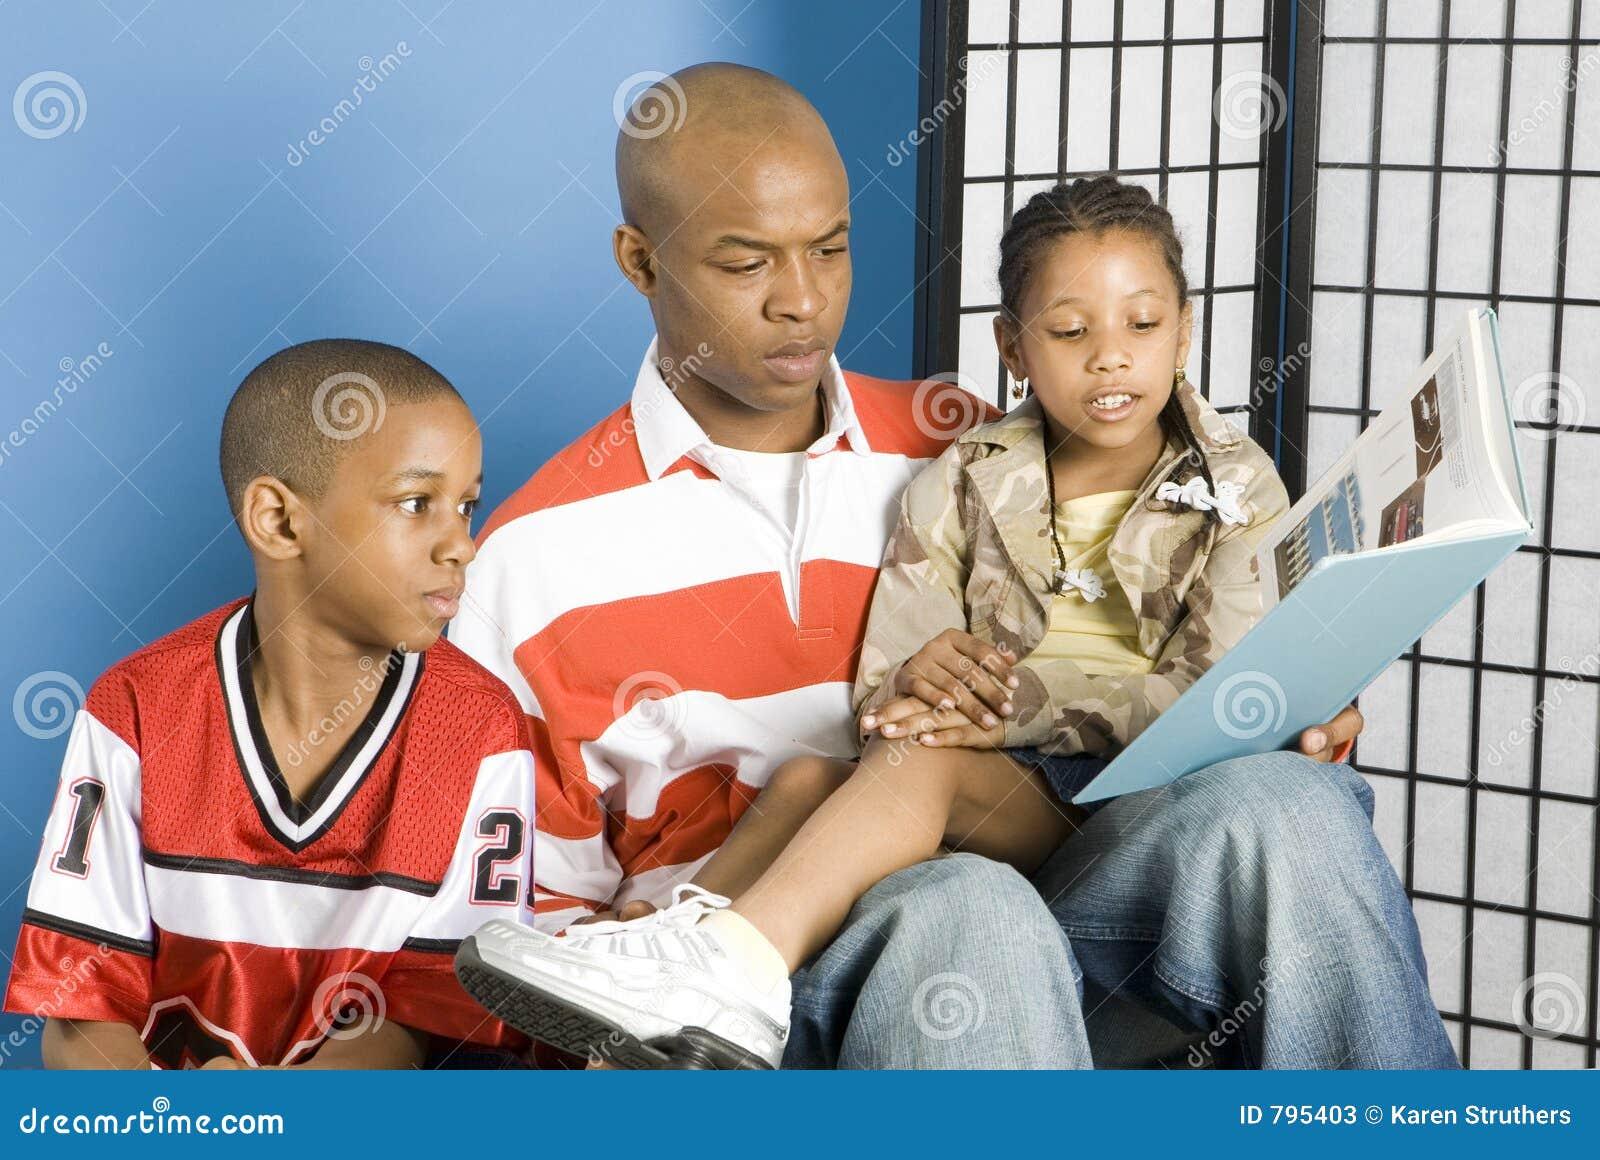 Barn avlar hans avläsning till